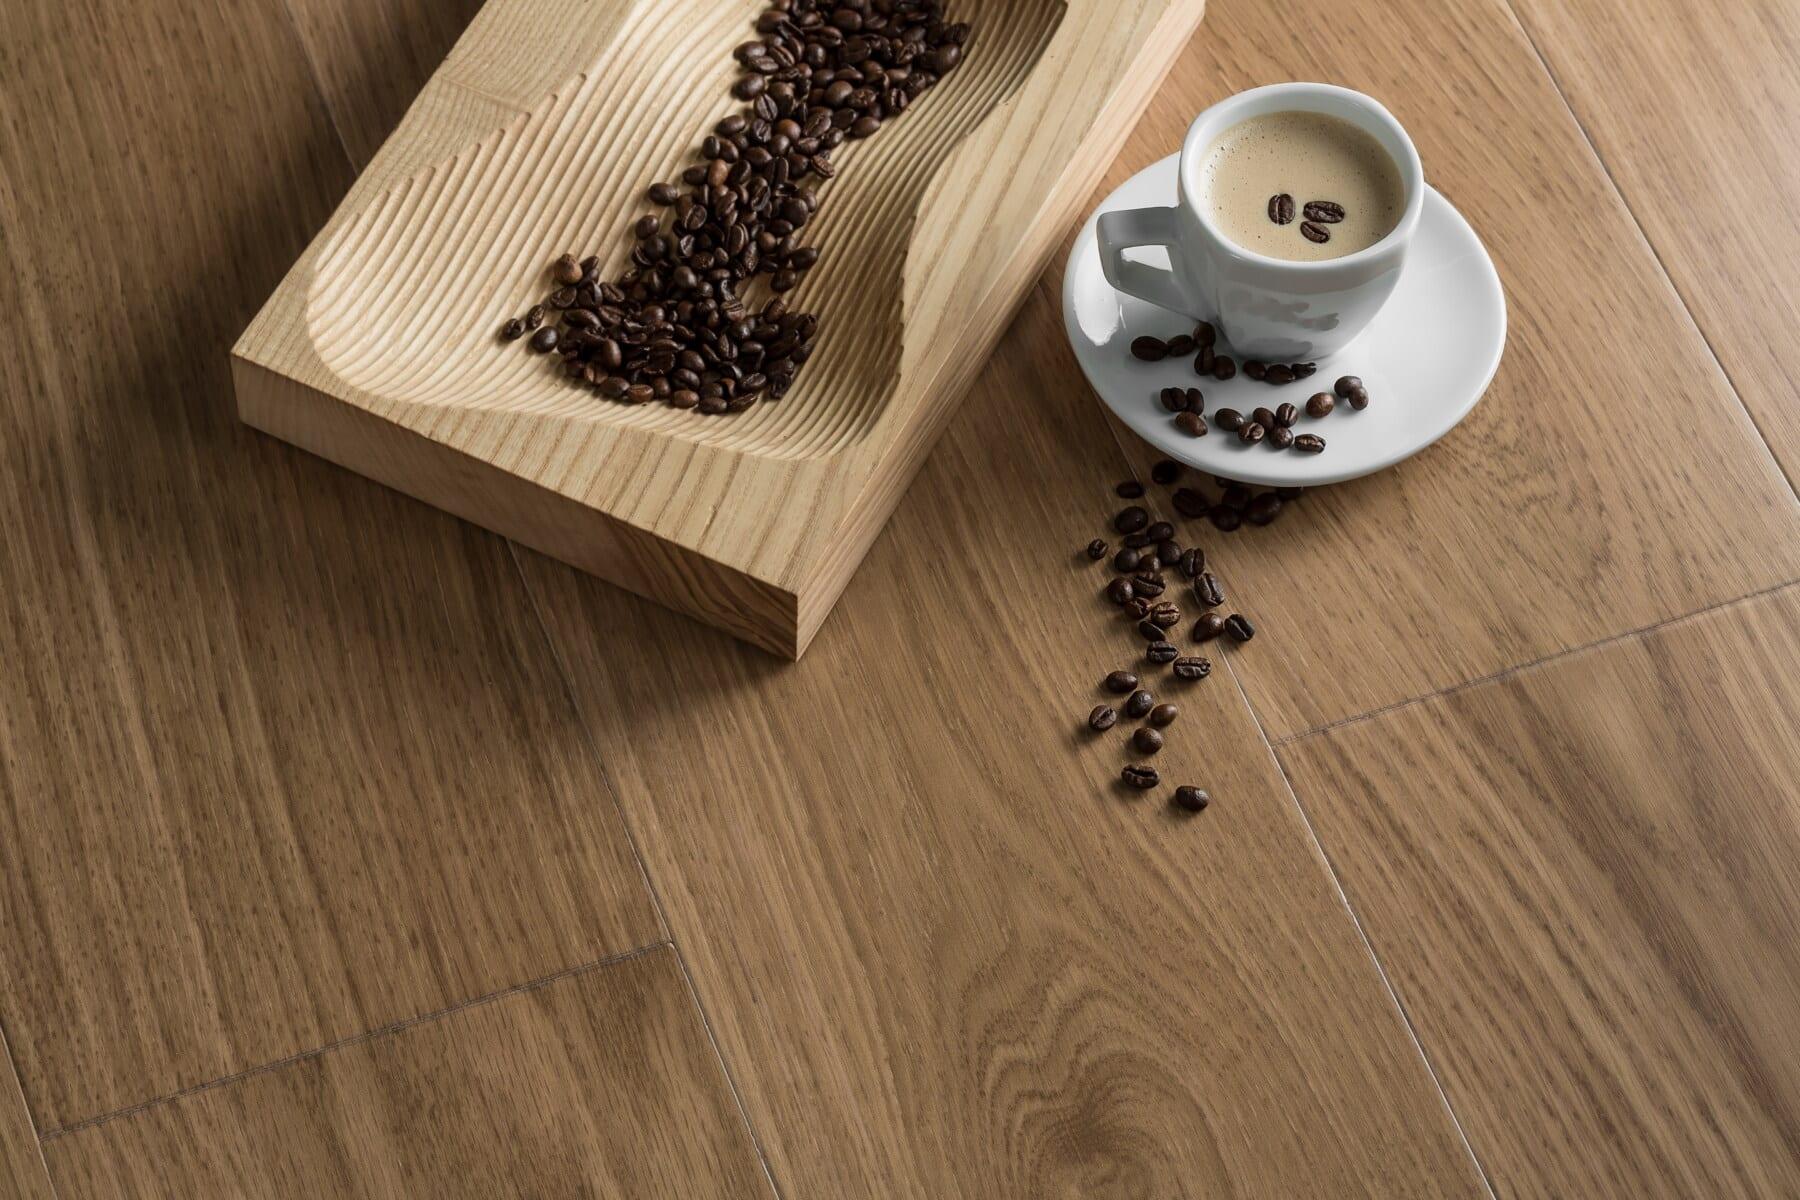 caféine, cappuccino, sombre, tasse à café, rôti, café, Expresso, bois, boisson, chaud